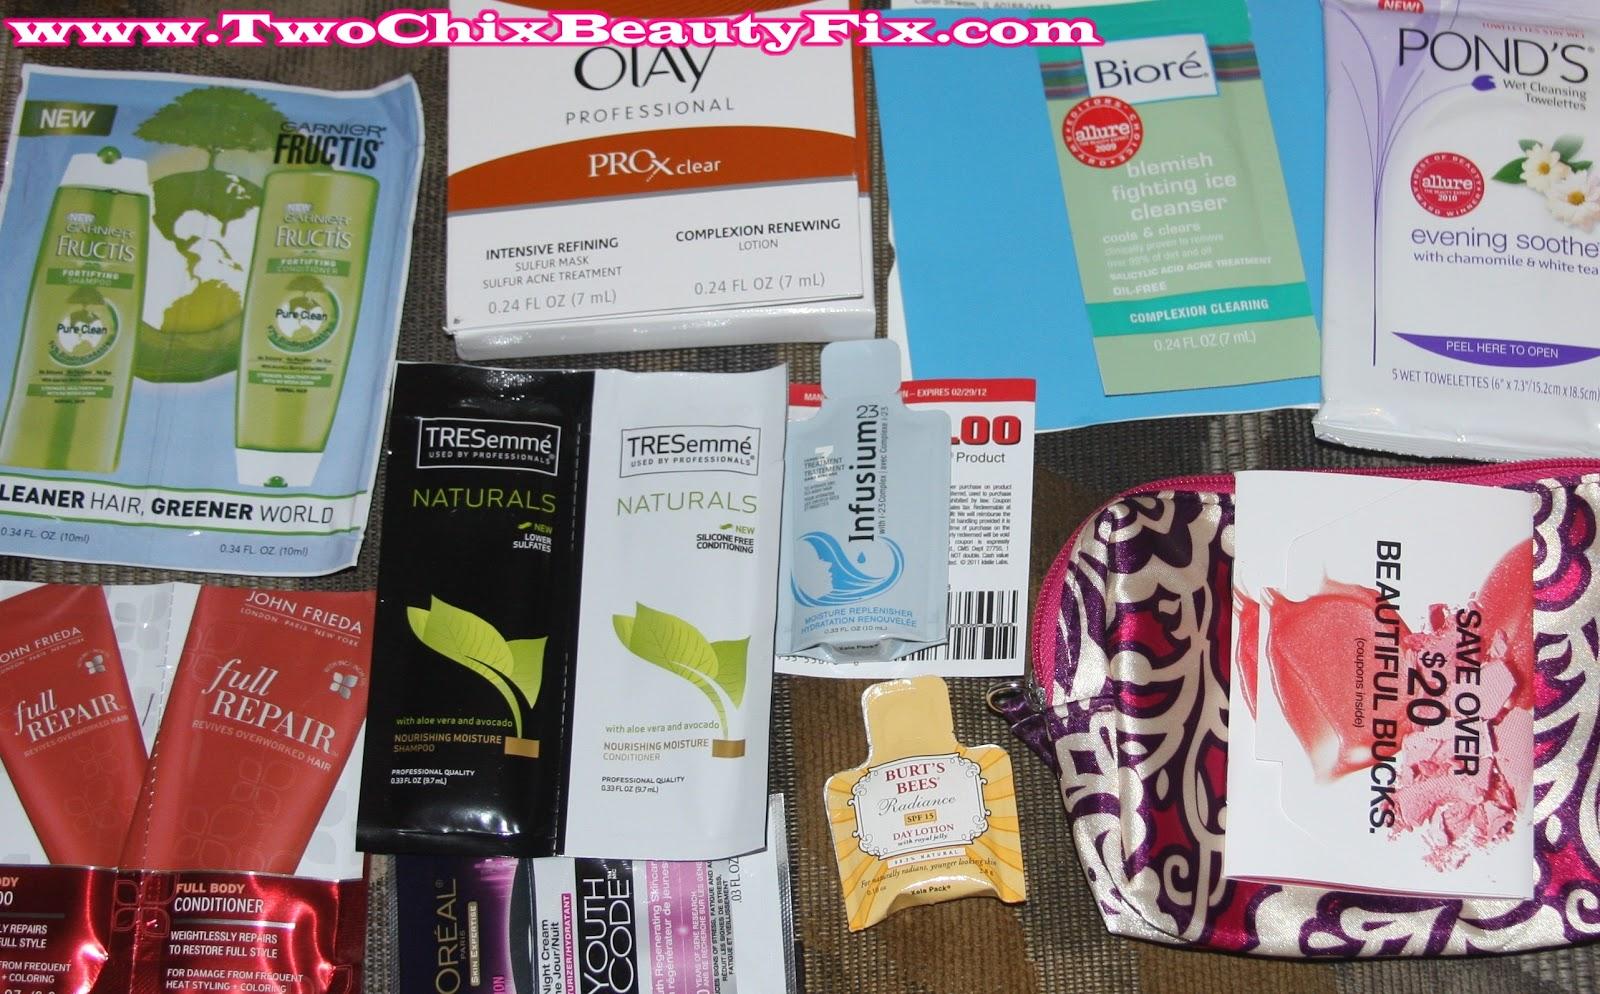 http://3.bp.blogspot.com/-NgQBbEafBRg/Tp9ipUkW4cI/AAAAAAAAAR0/hO8KdT2pFWo/s1600/free%20wednesday%20003.JPG